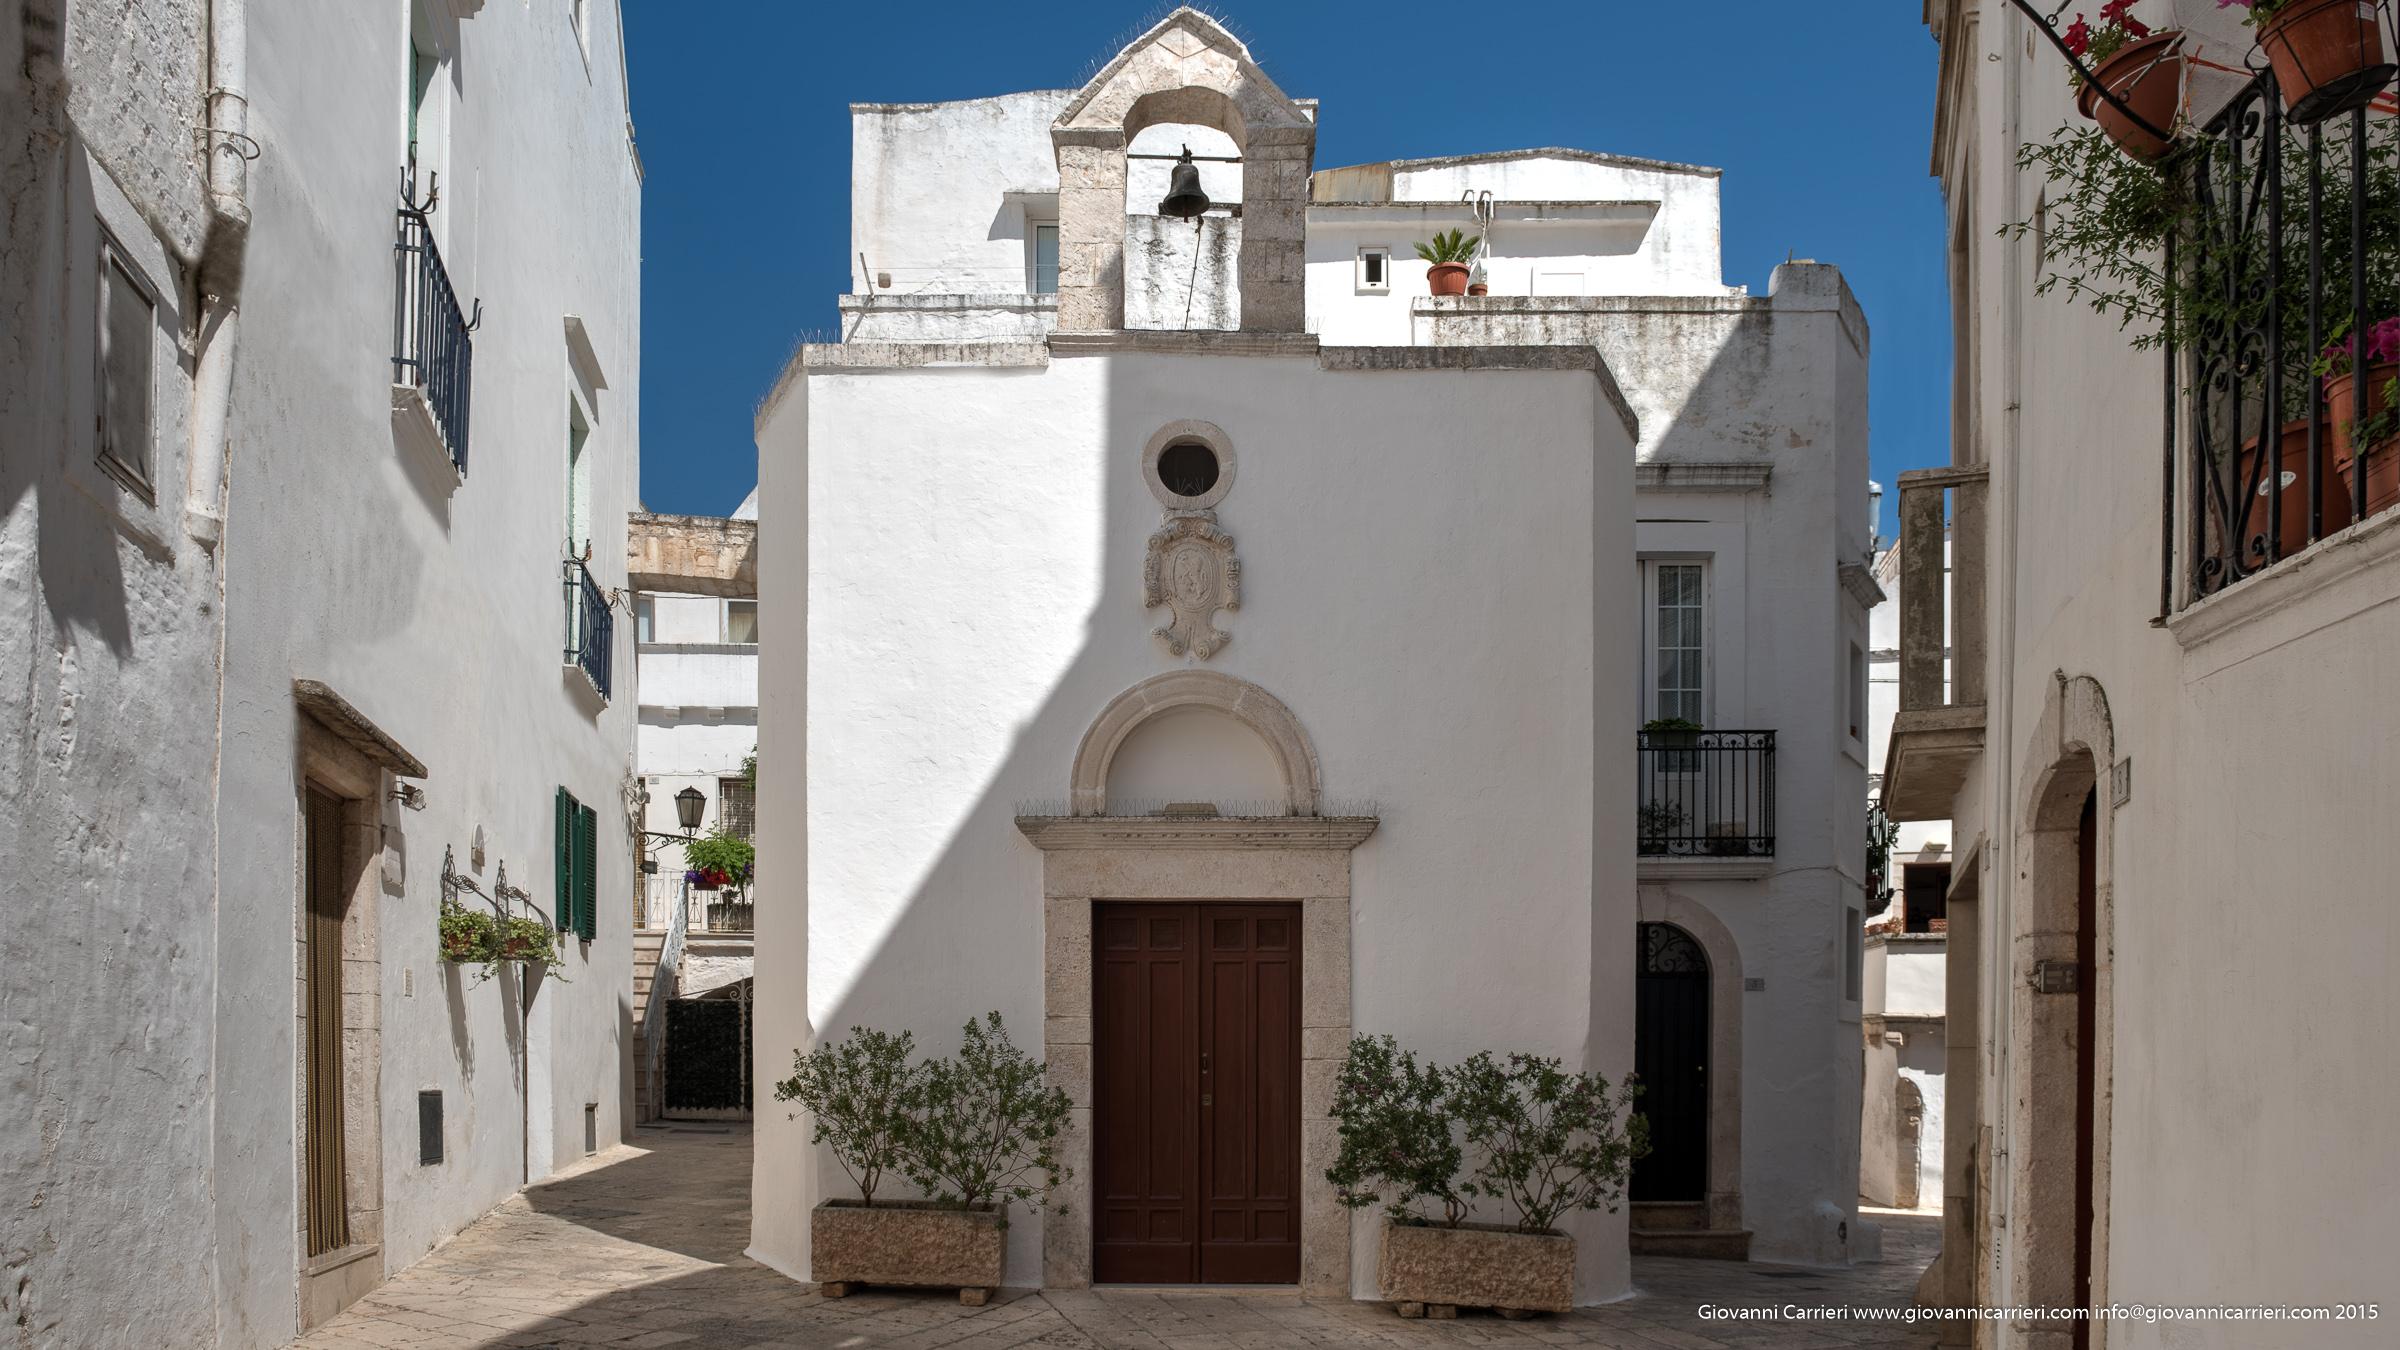 Chiesa Santa Maria del Soccorso - Locorotondo